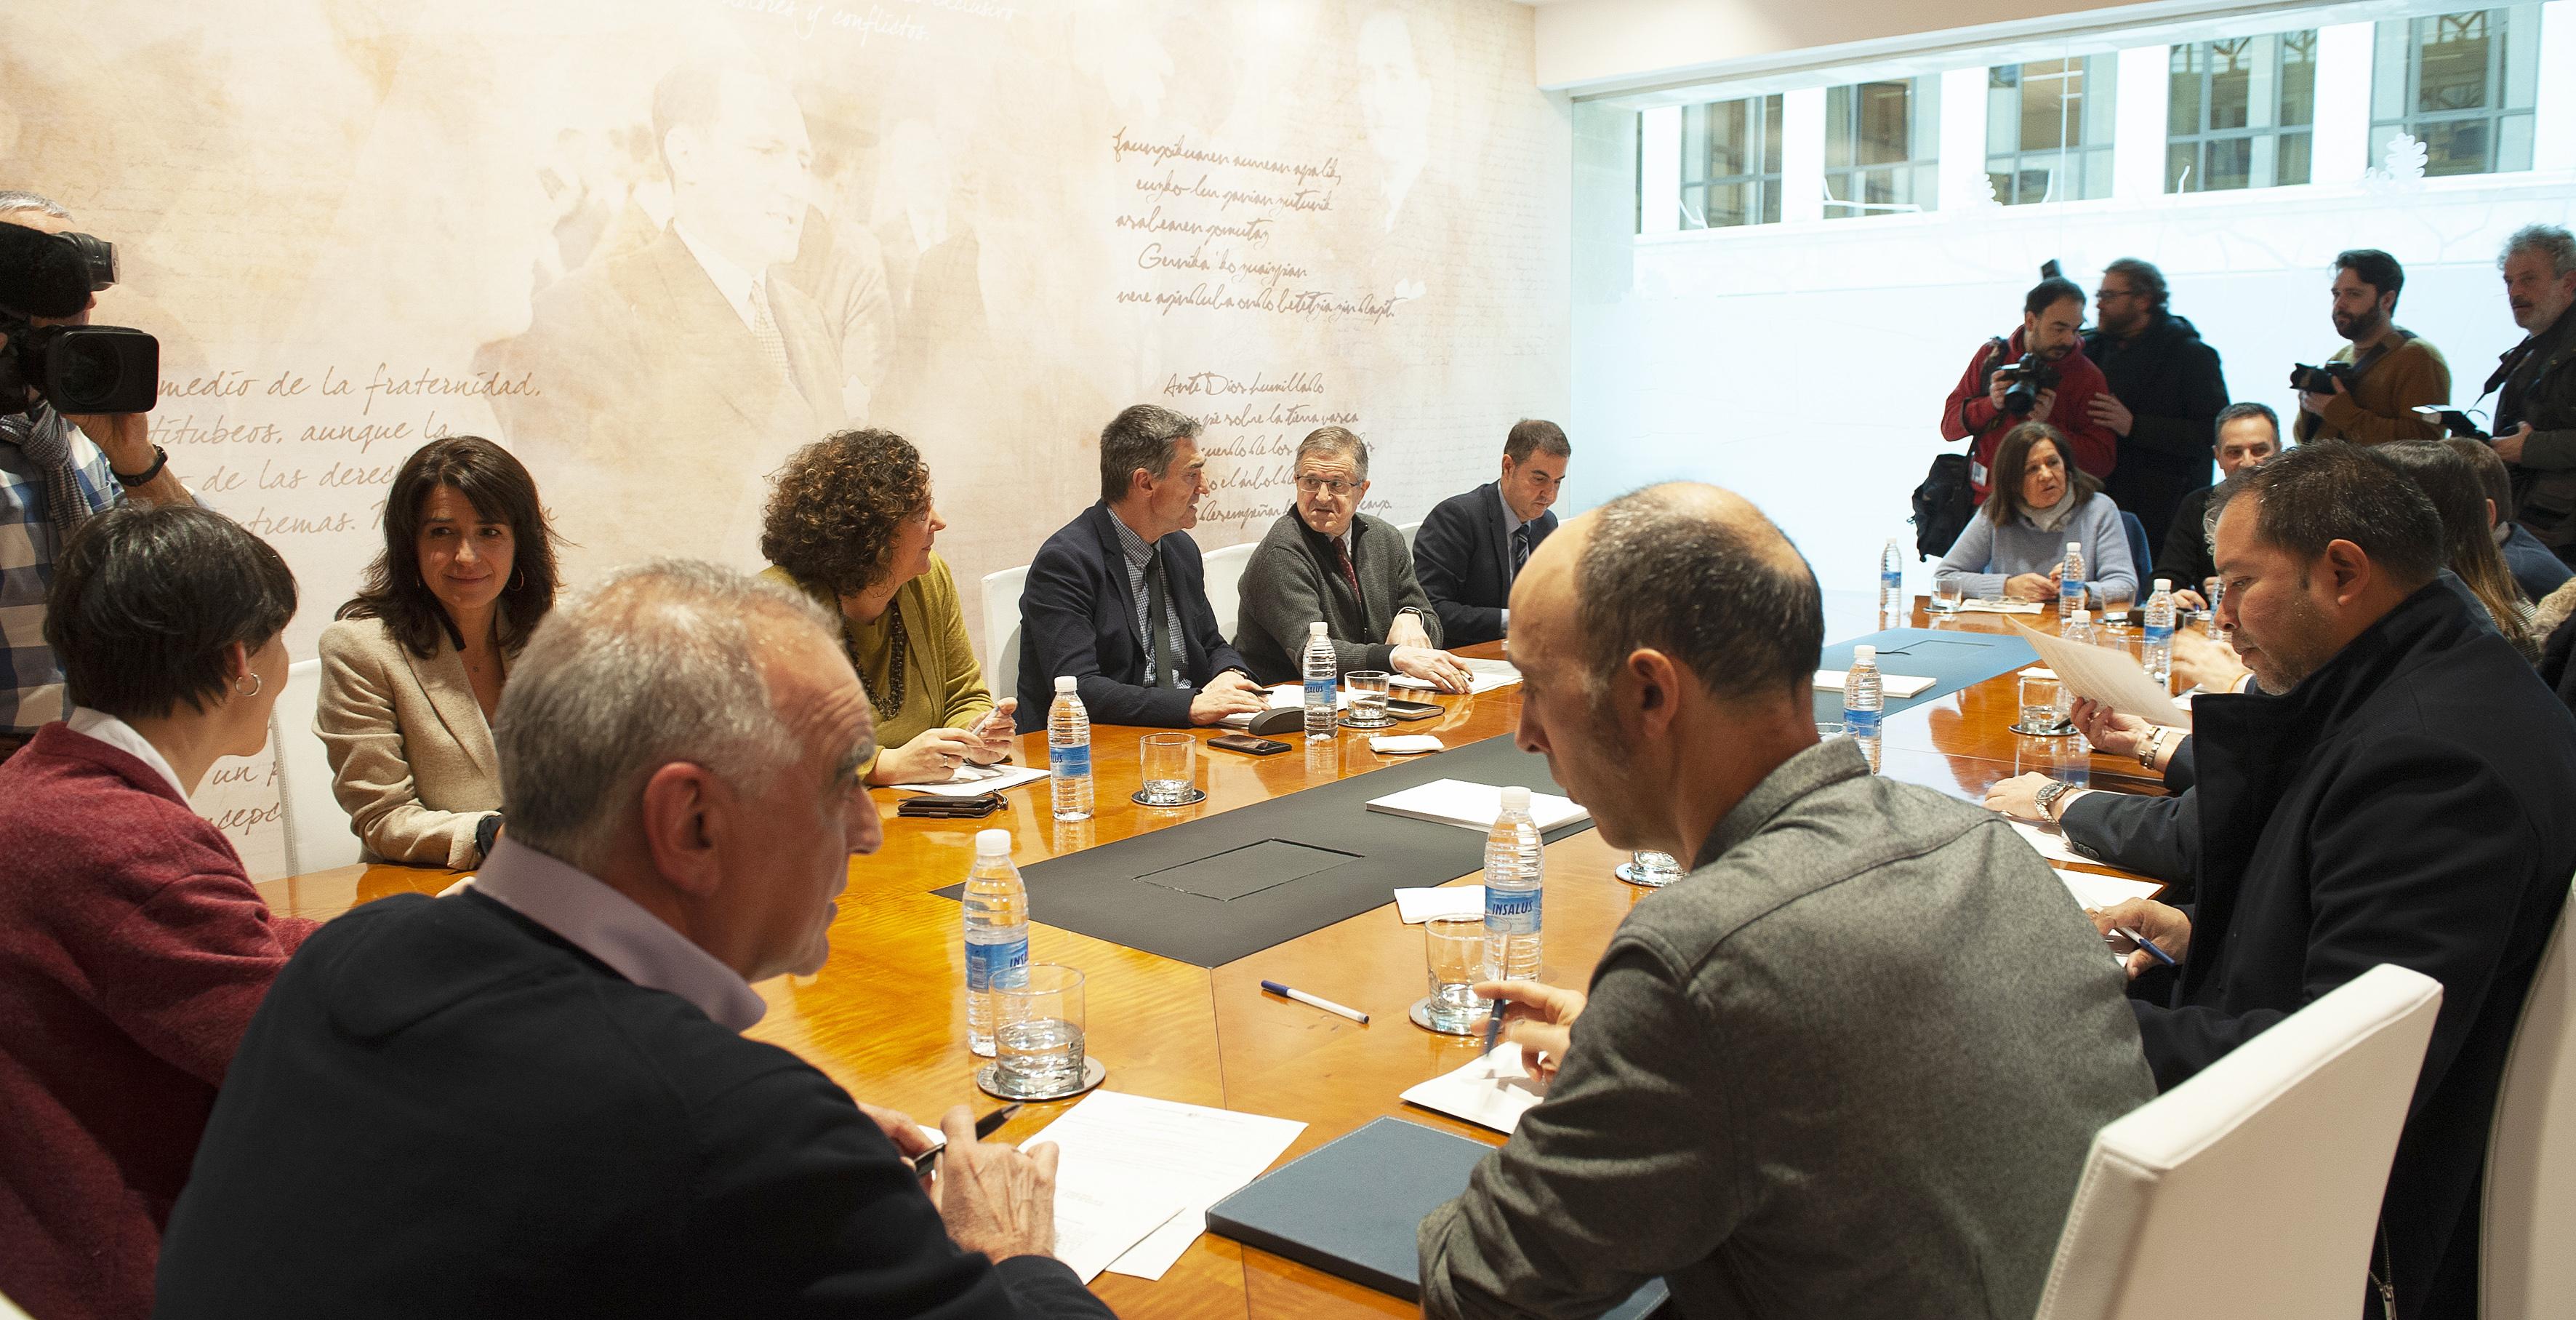 El Gobierno presenta al Consejo Vasco de Participación de Víctimas del Terrorismo la Propuesta para el diálogo sobre las aportaciones al material didáctico Herenegun